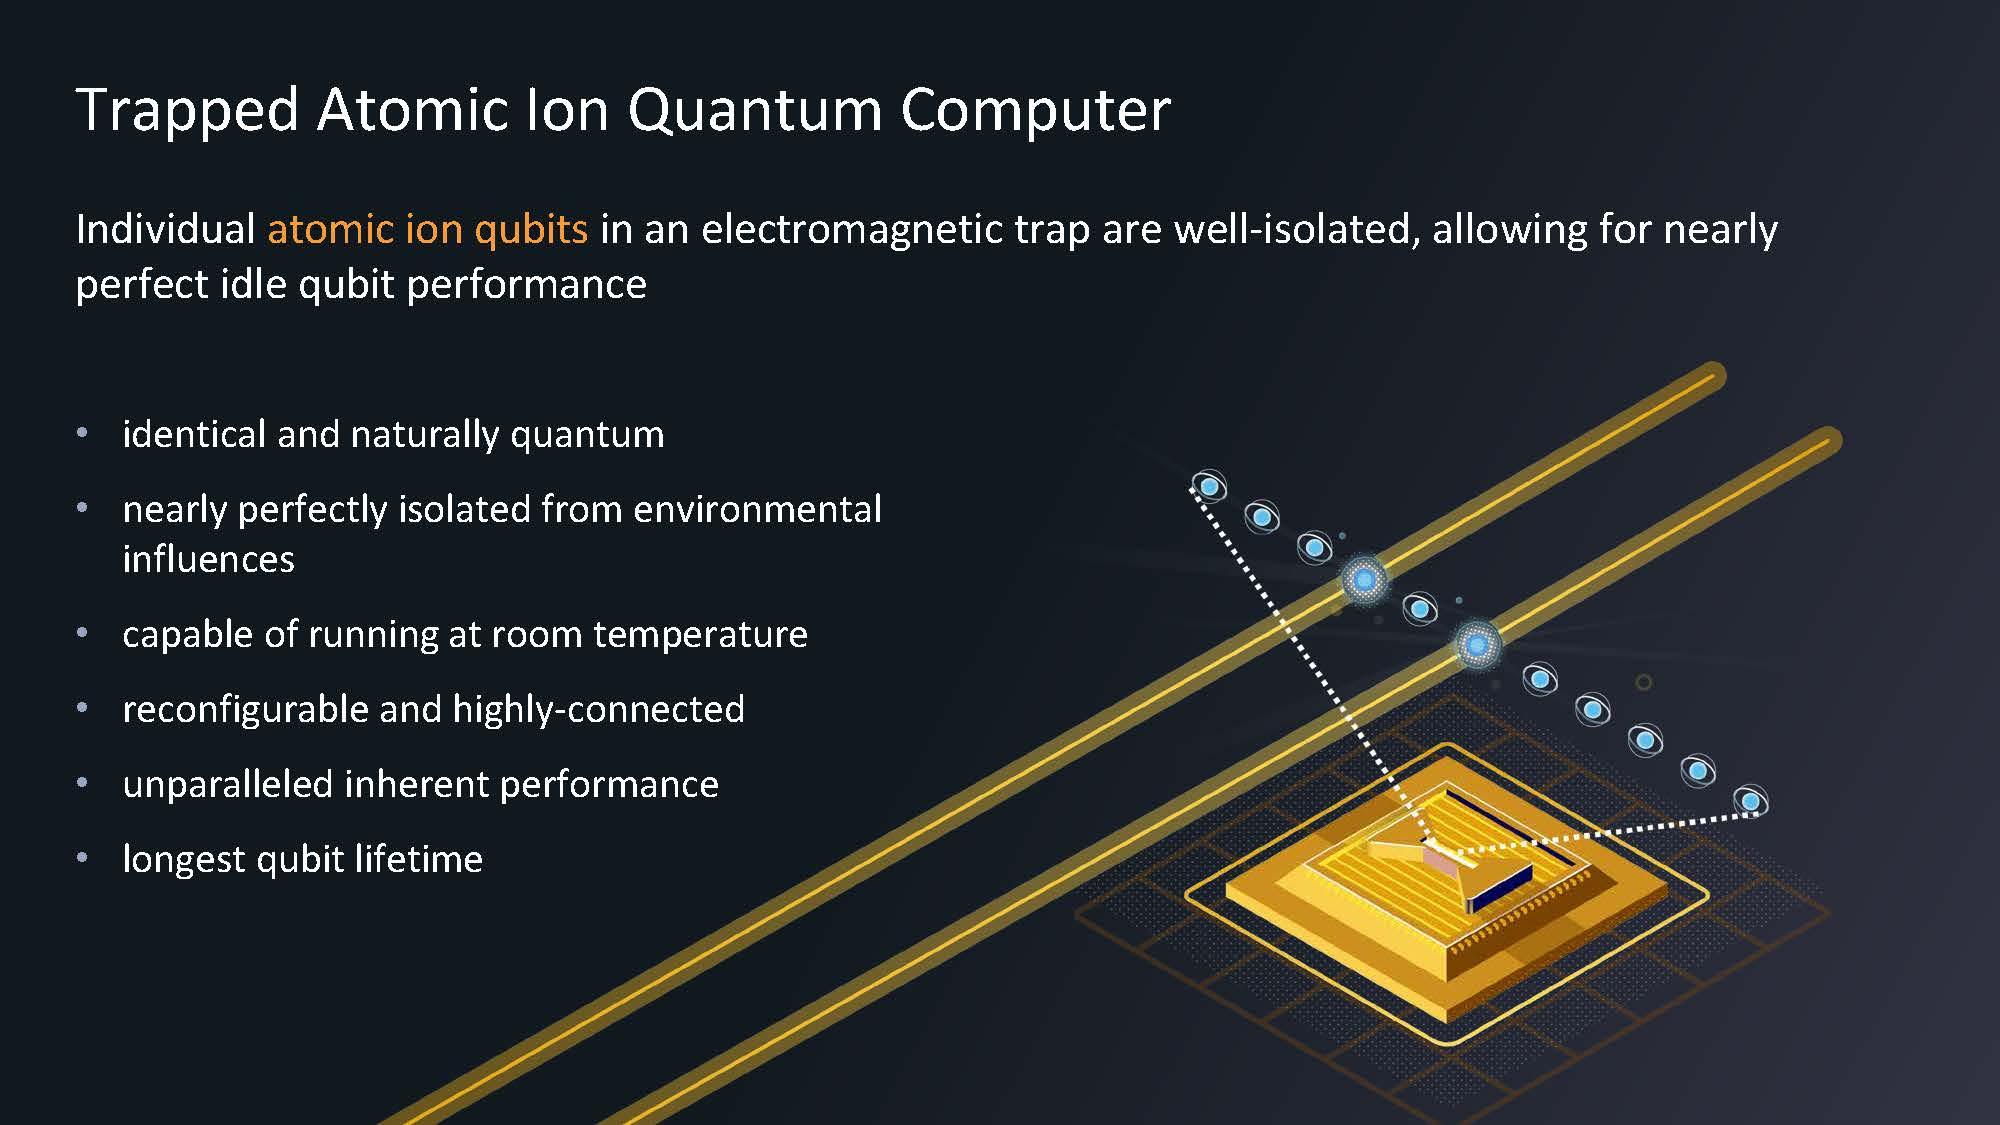 HC33 IonQ Quantum Computing Trapped Atomic Ion Quantum Computer